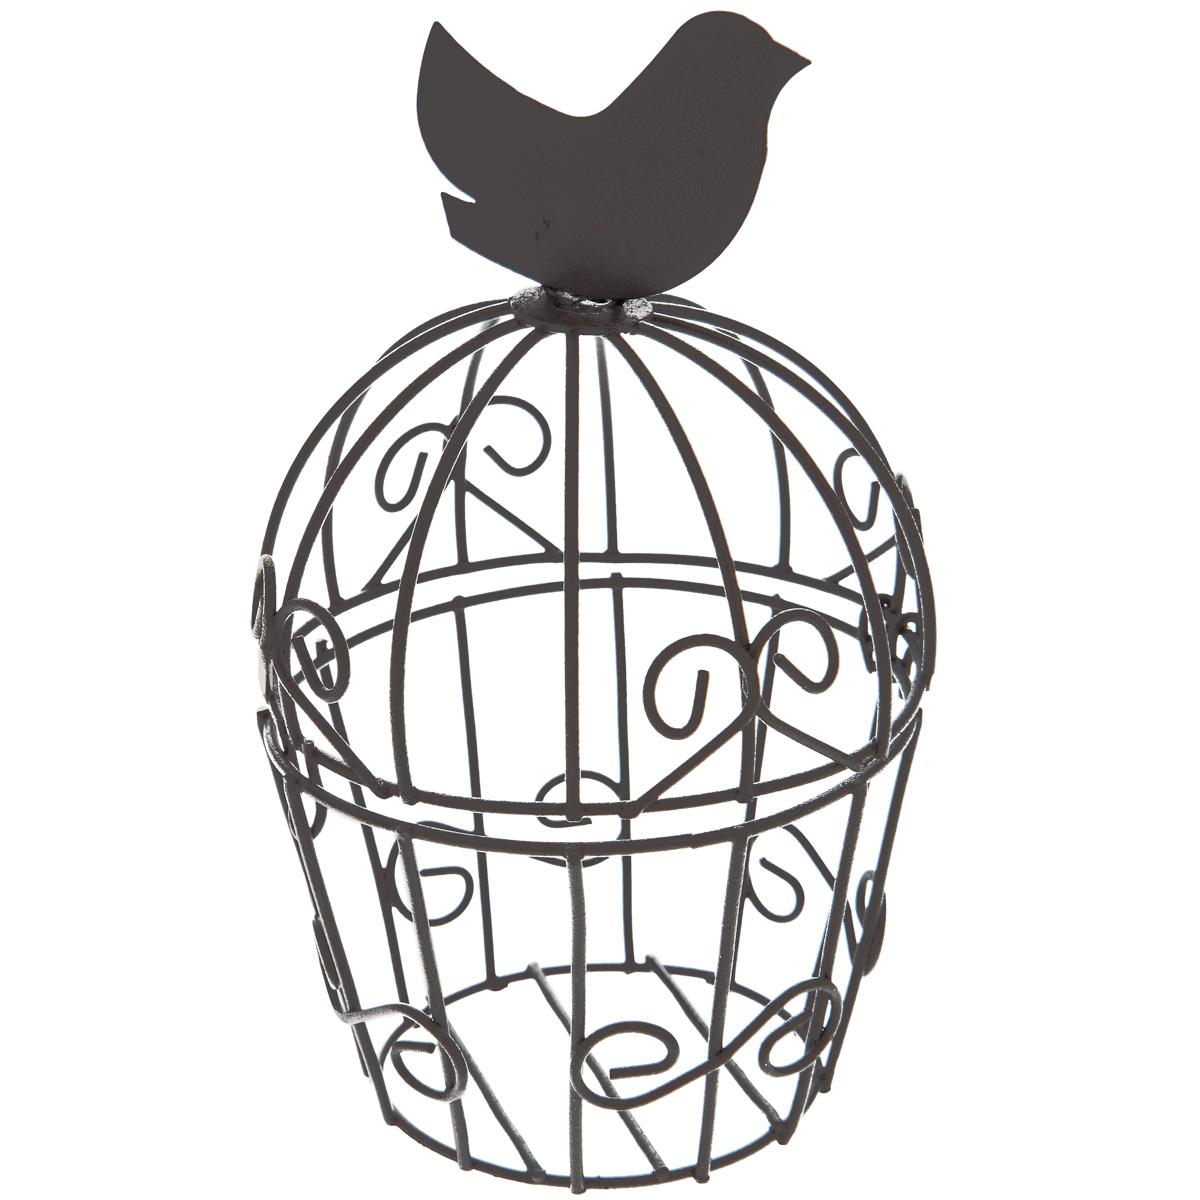 Клетка декоративная ScrapBerrys Птичка, цвет: темно-коричневый, 7 см х 7 см х 12 см54 009305Декоративная клетка ScrapBerrys Птичка выполнена из высококачественного металла. Изделие украшено изящными коваными узорами. Клетка оснащена крышкой, которая закрывается на специальный замок.Такая клетка подойдет для декора интерьера дома или офиса. Кроме того - это отличный вариант подарка для ваших близких и друзей.